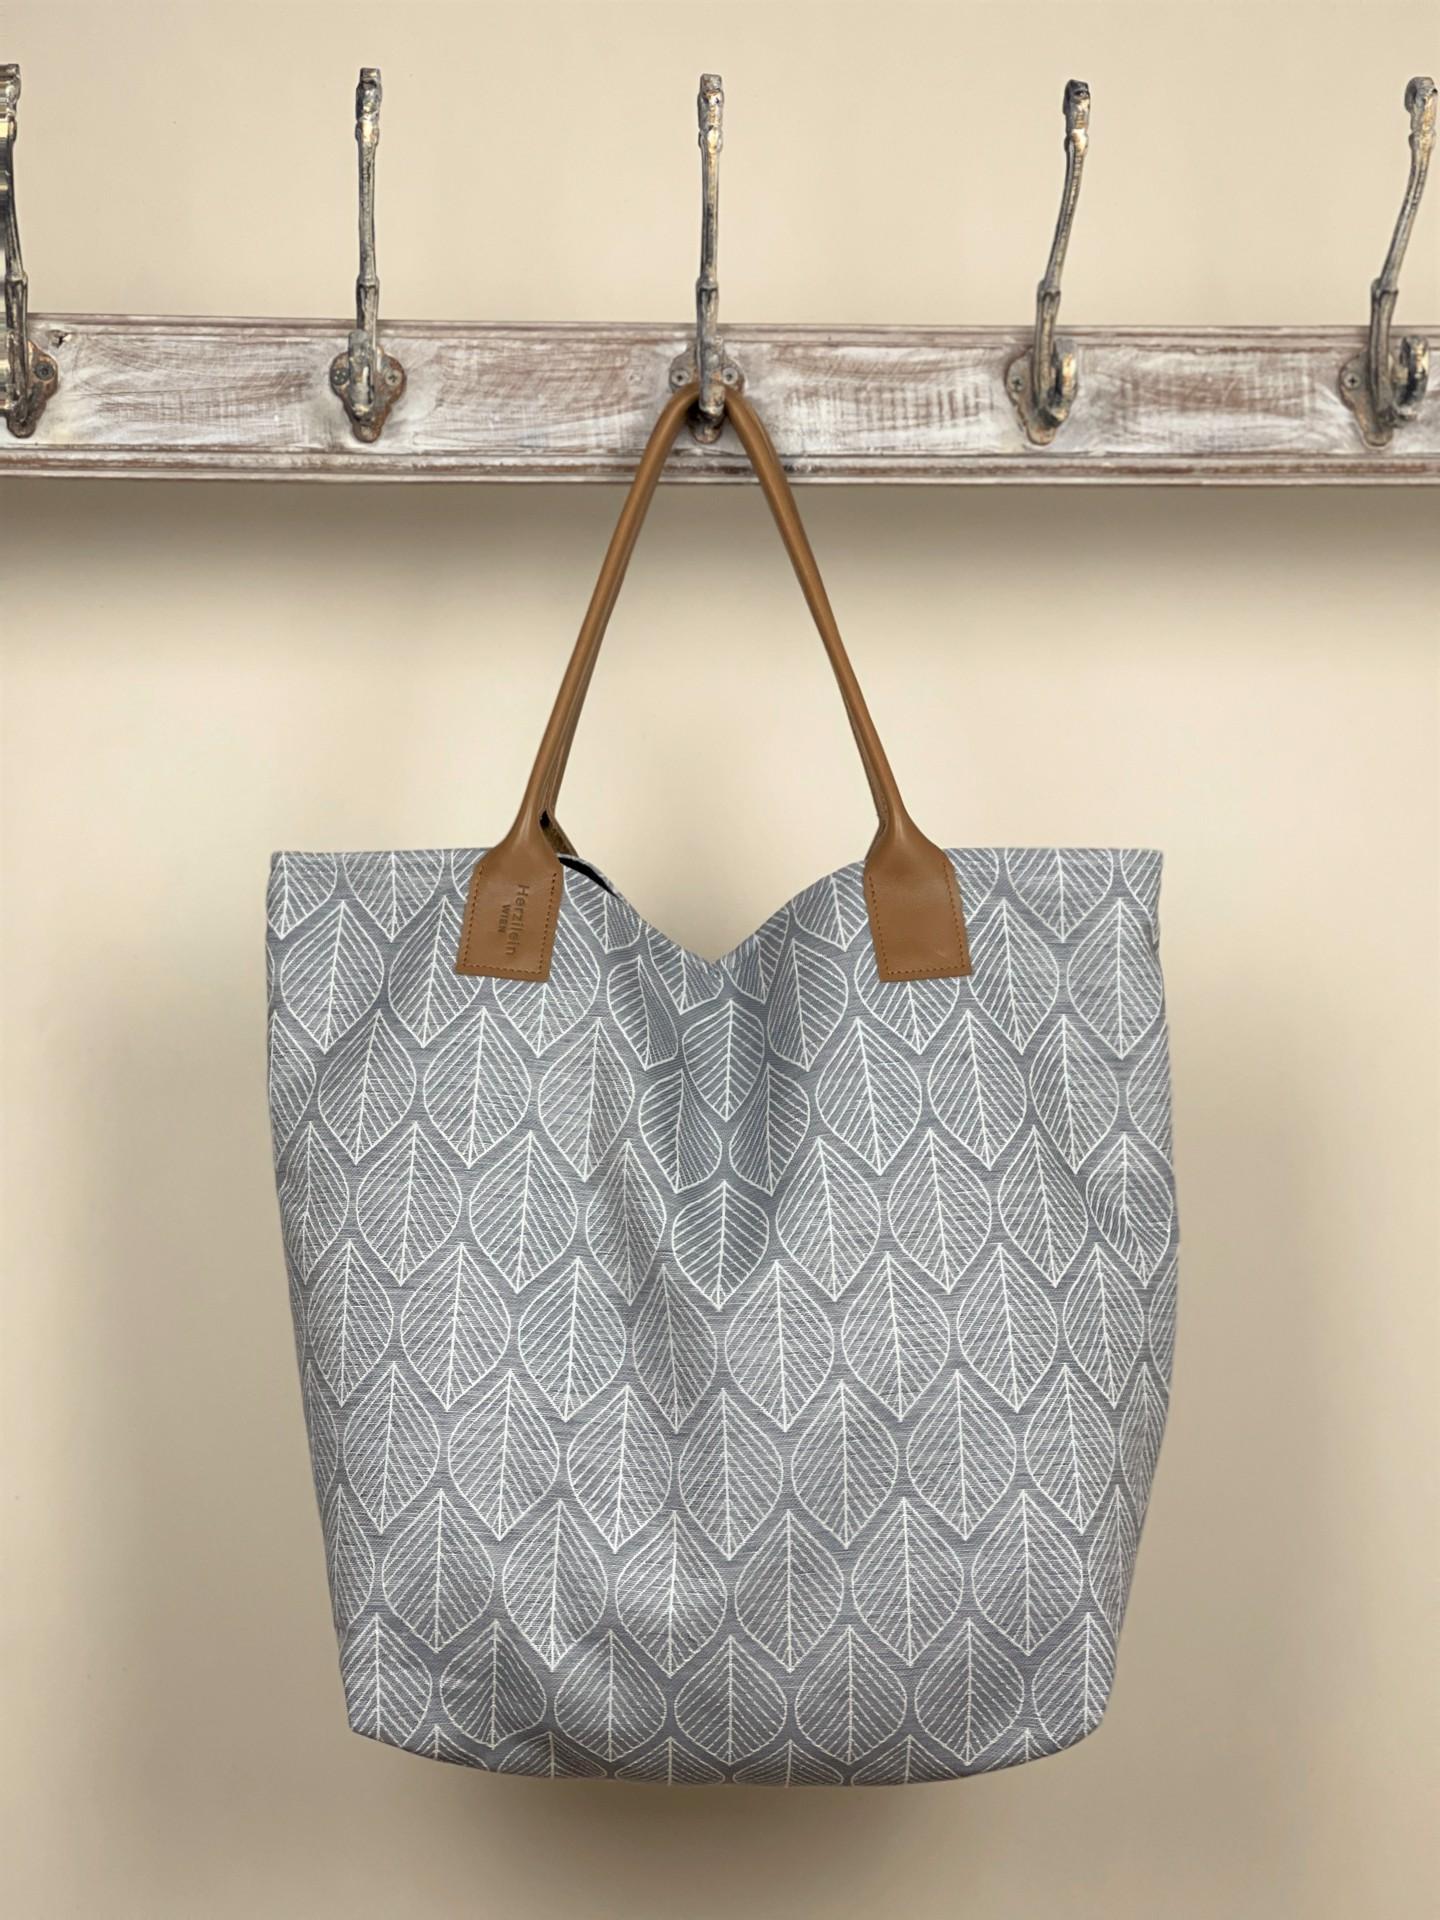 Damentasche grau Blätter